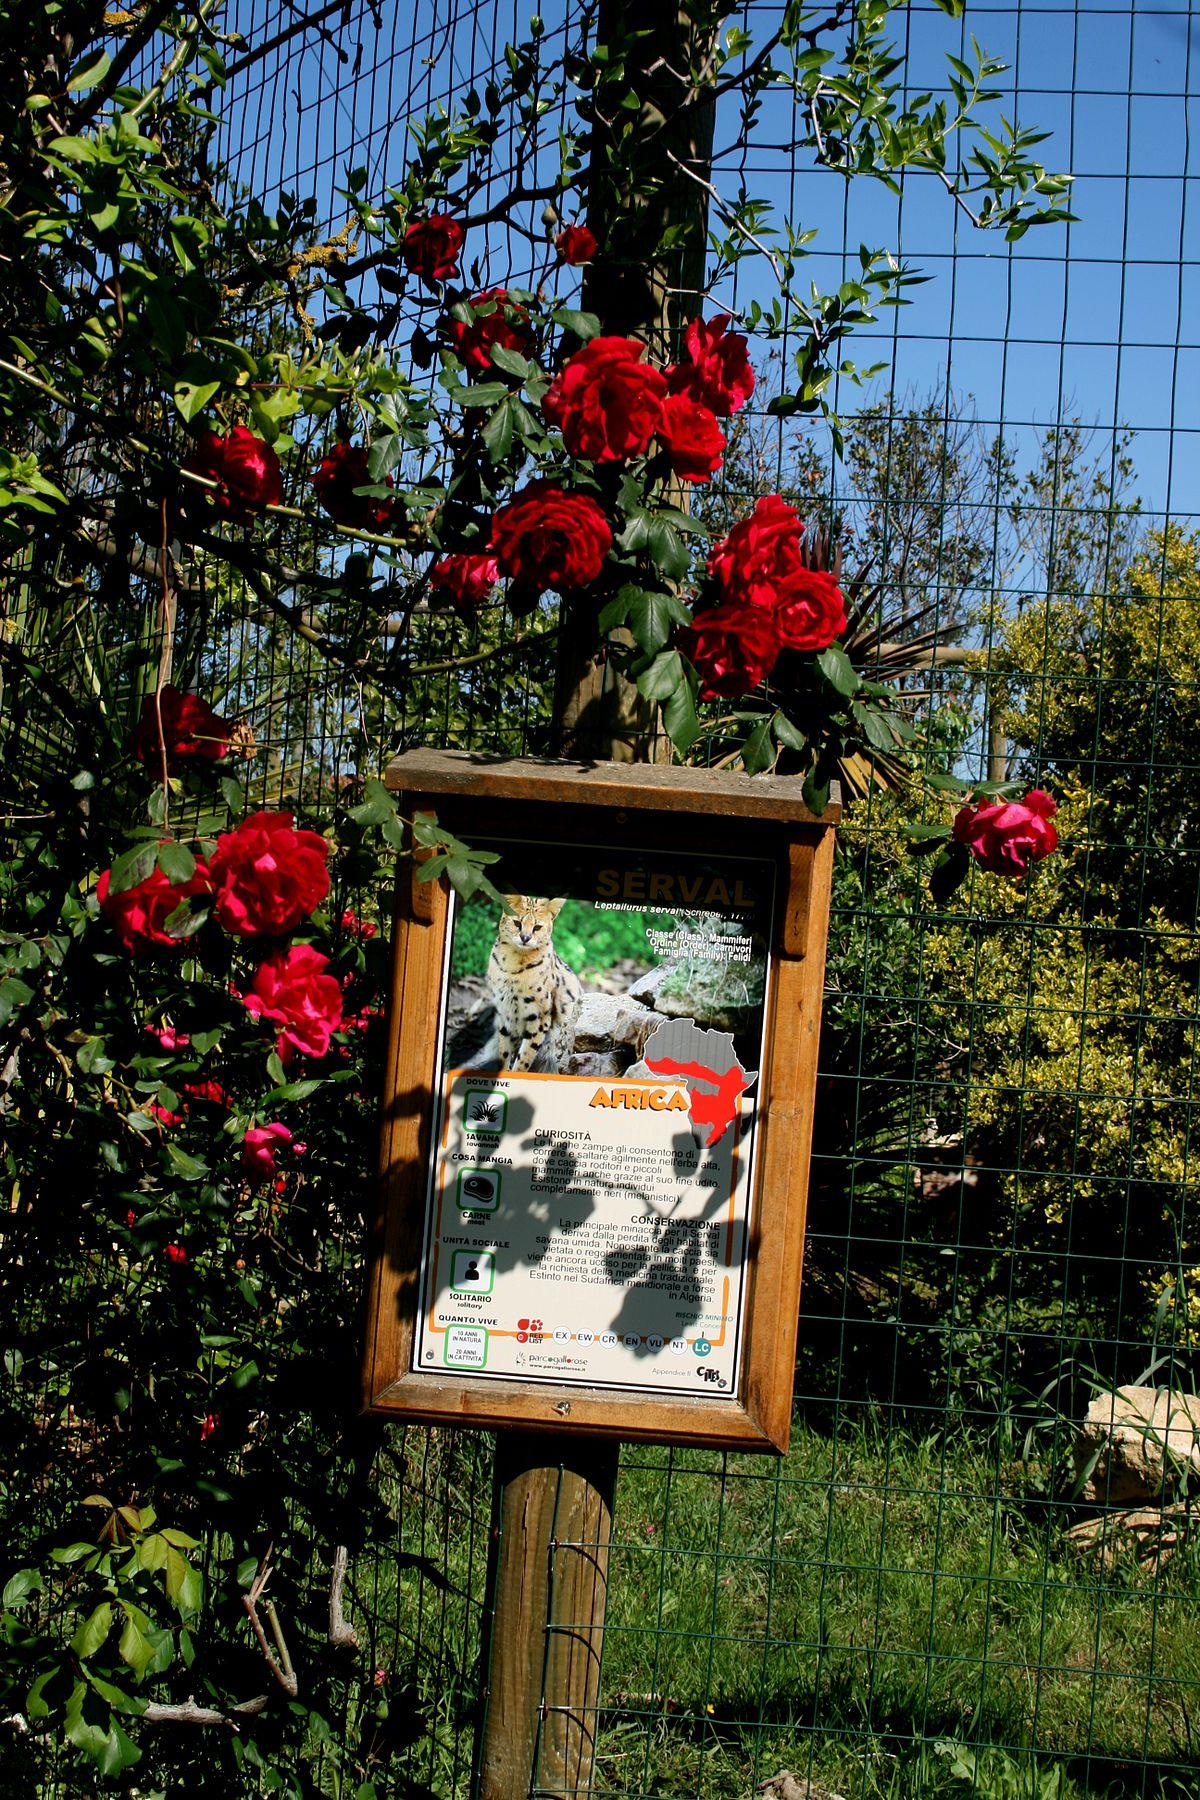 Parco gallorose wikipedia for Una storia ospita vicino a me